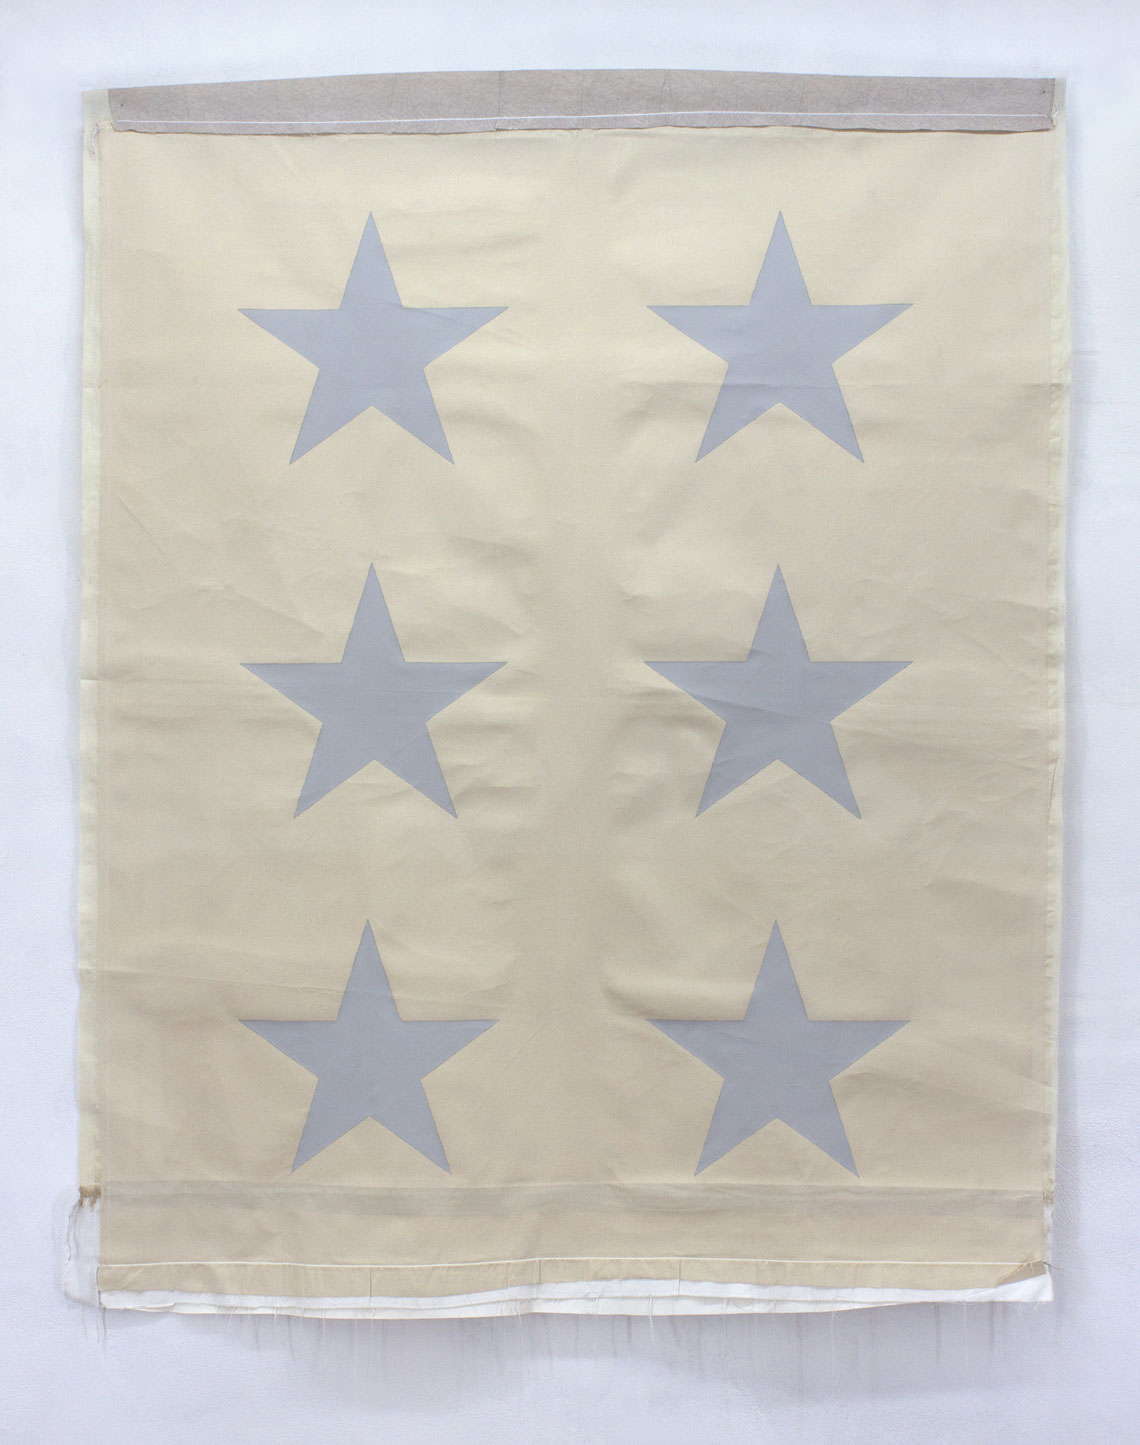 gray stars on a flag